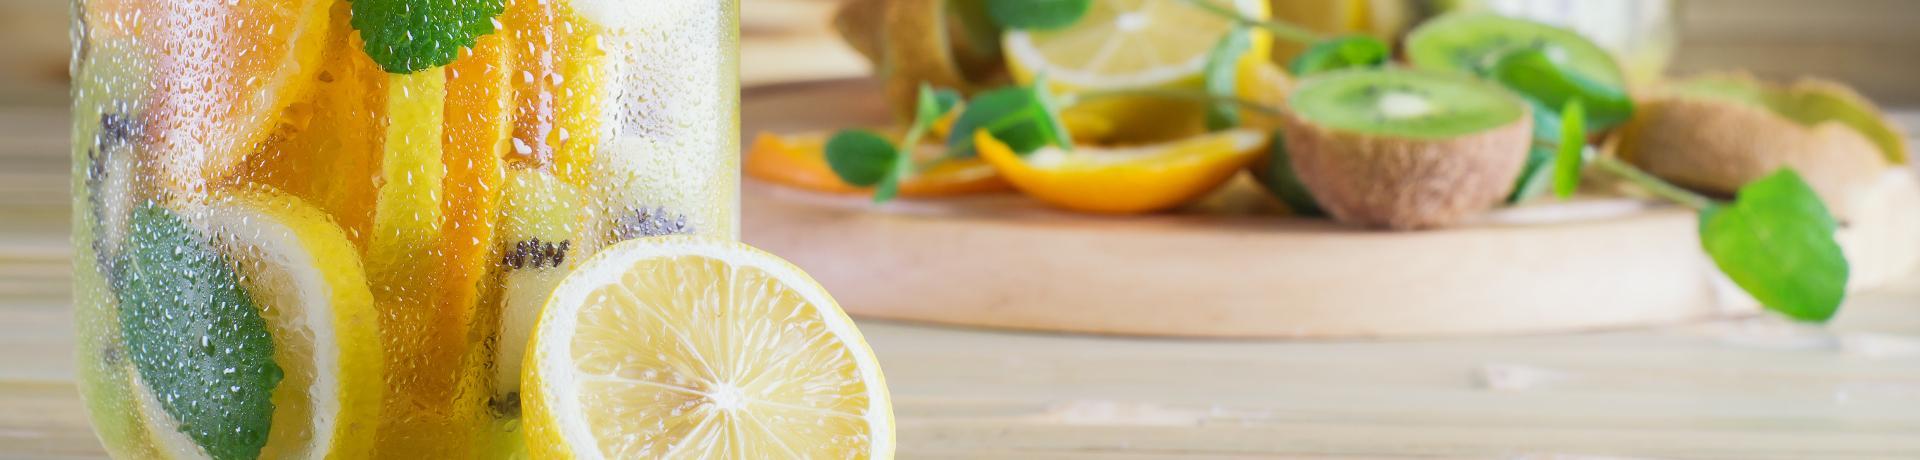 Hitzetipps: Drinks - Zitronen - Emotion II